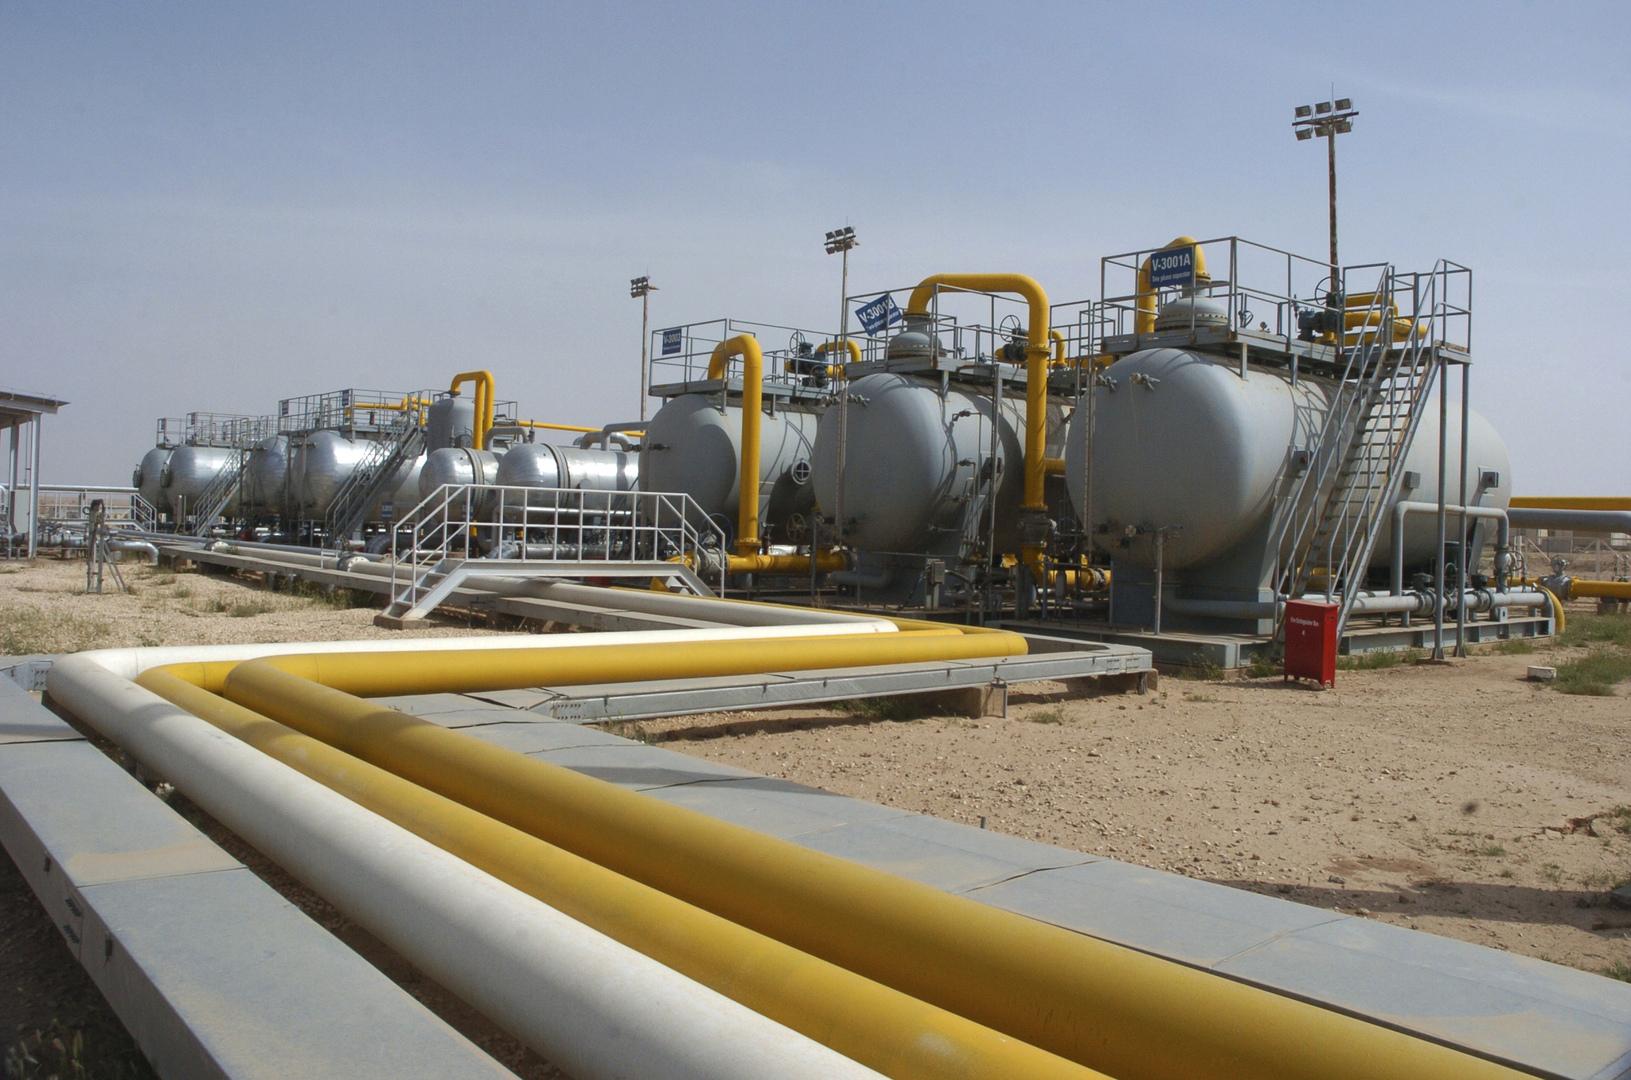 مصفاة تكرار النفط في مدينة الشدادي السورية (أرشيف).